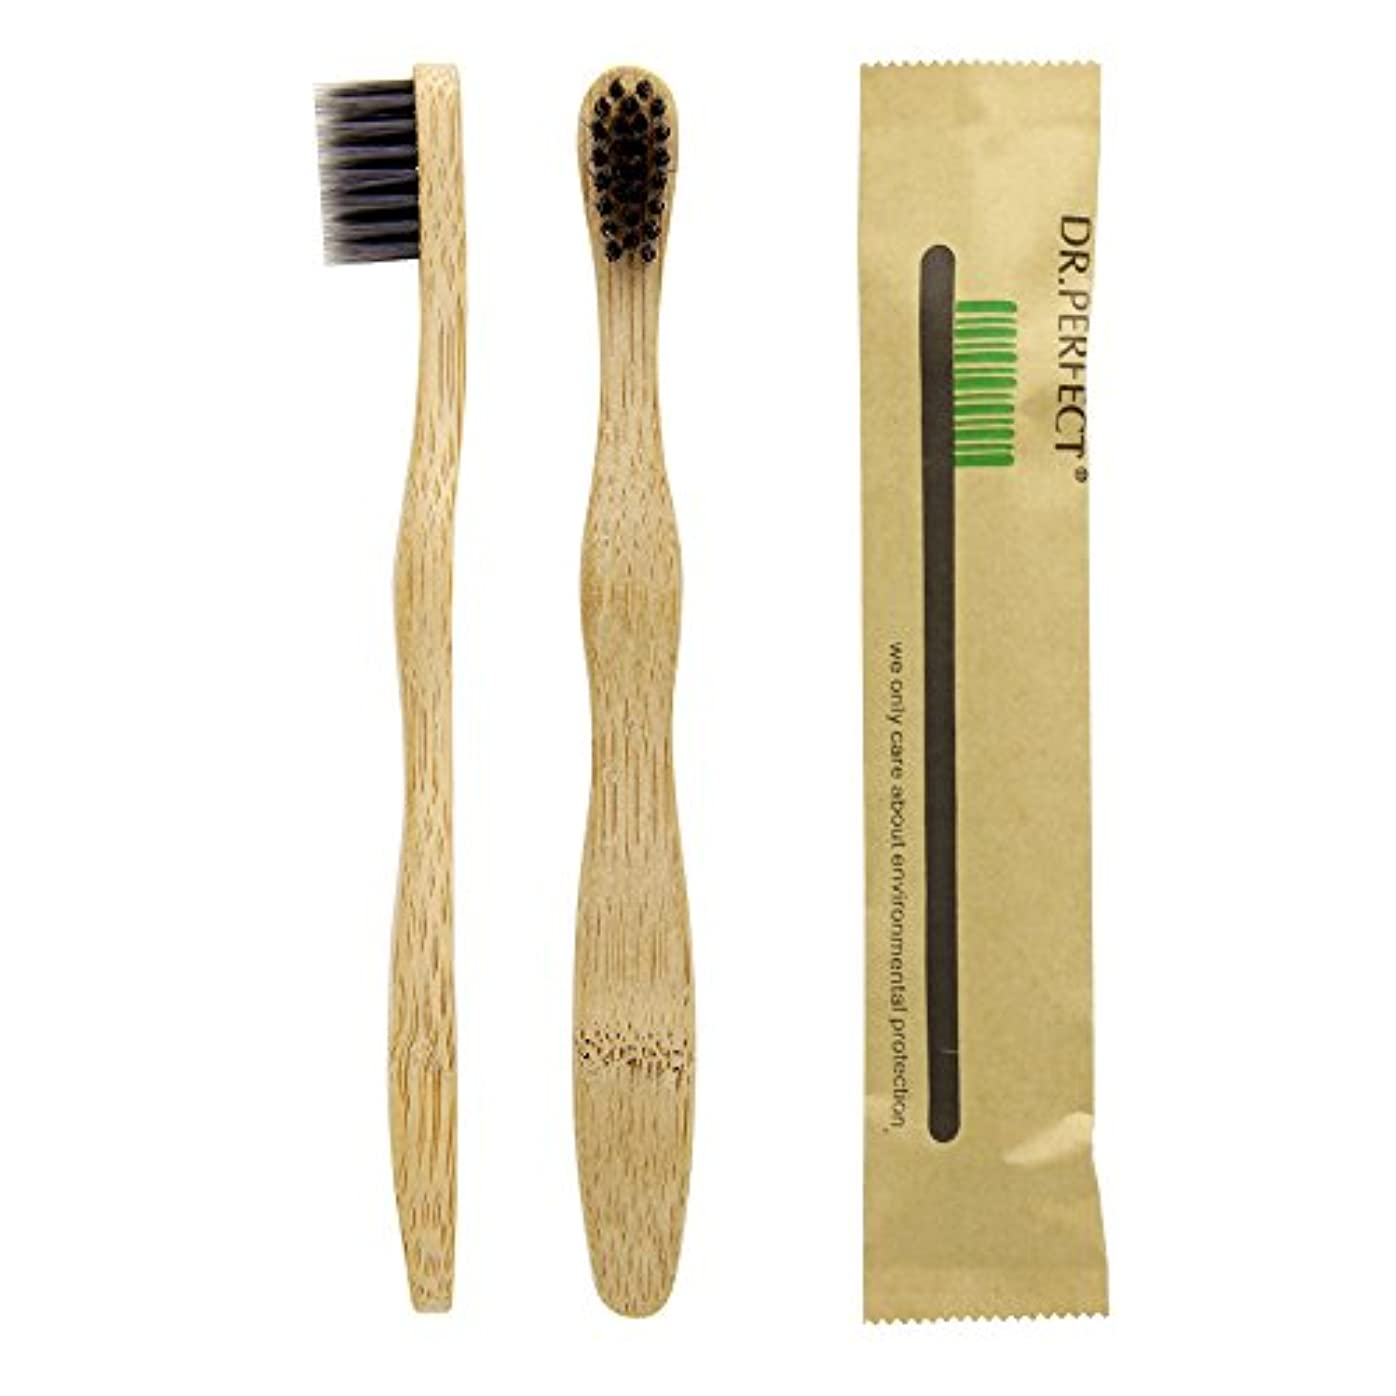 ビジョン汚染された相関するDr.Perfect Bamboo チャイルド 竹の歯ブラシ ナイロン毛 生分解性の (ブラック)